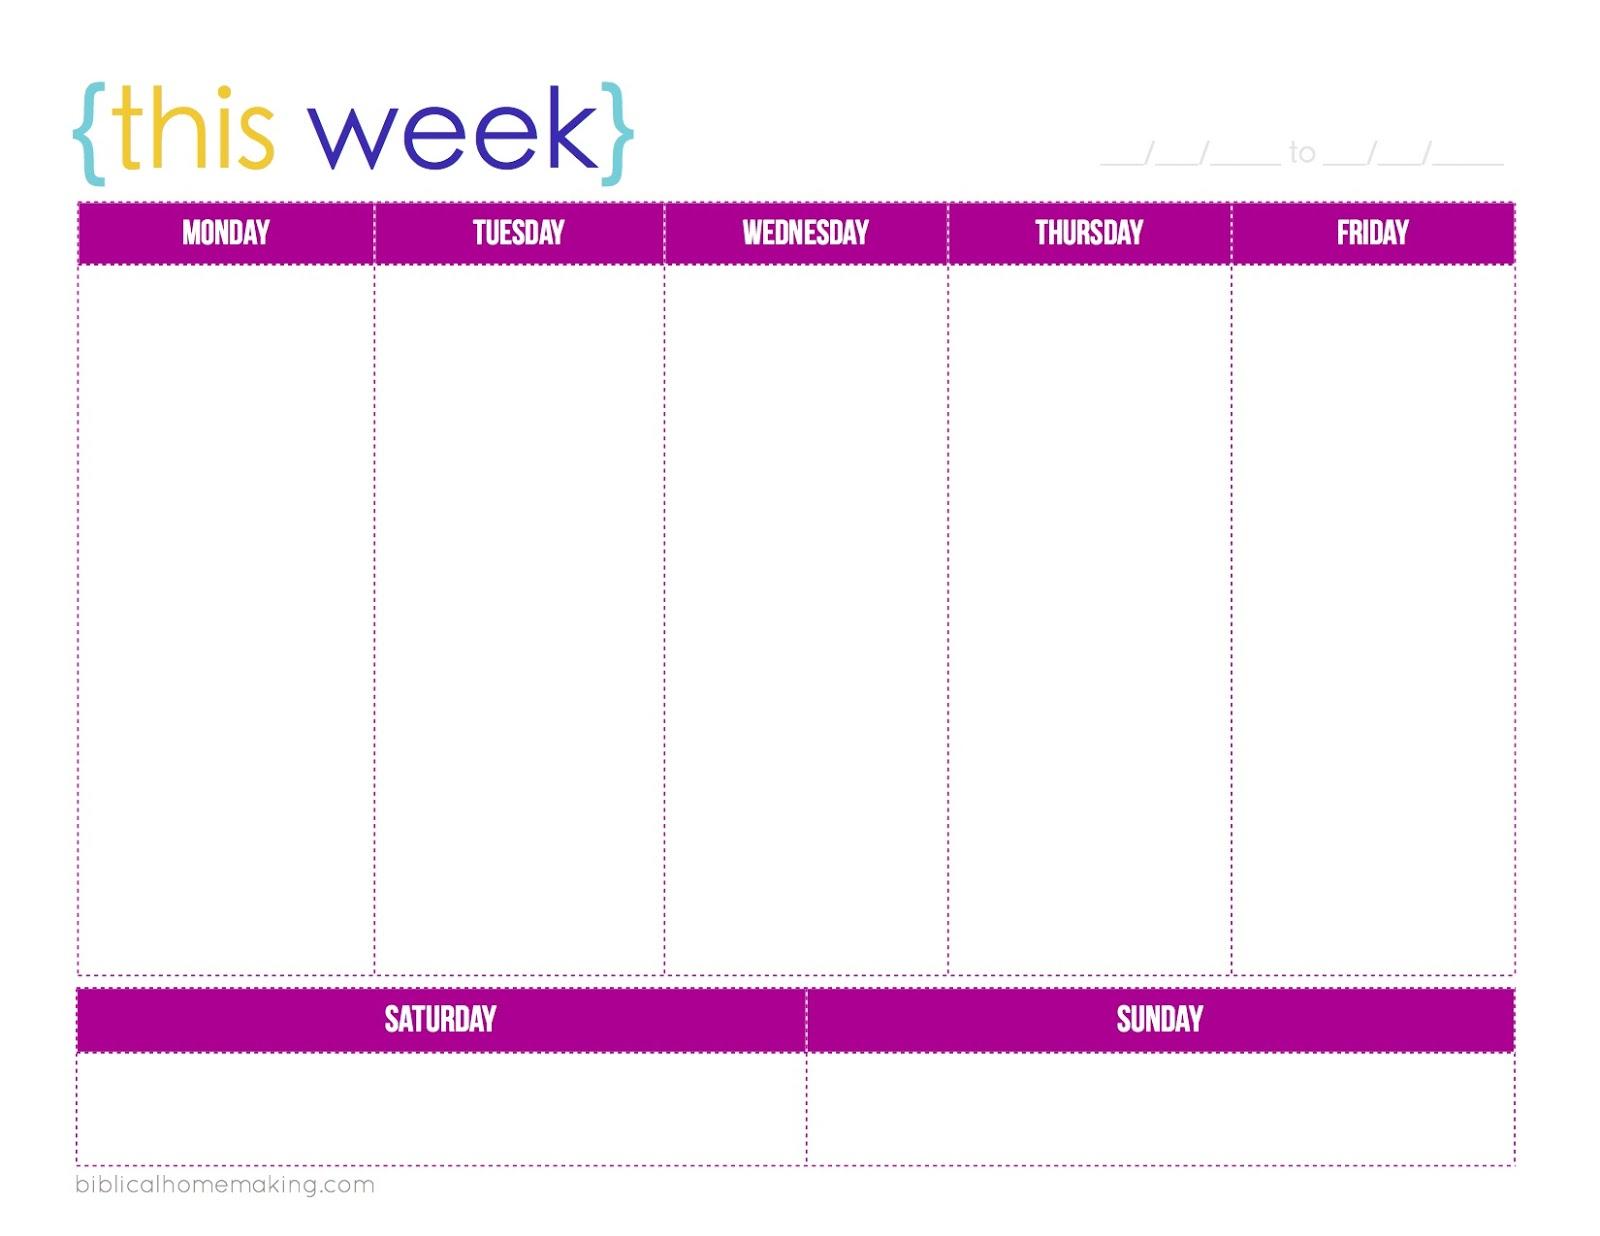 ... Free Printable Weekly Planner Calendars and Free Printable Week at a